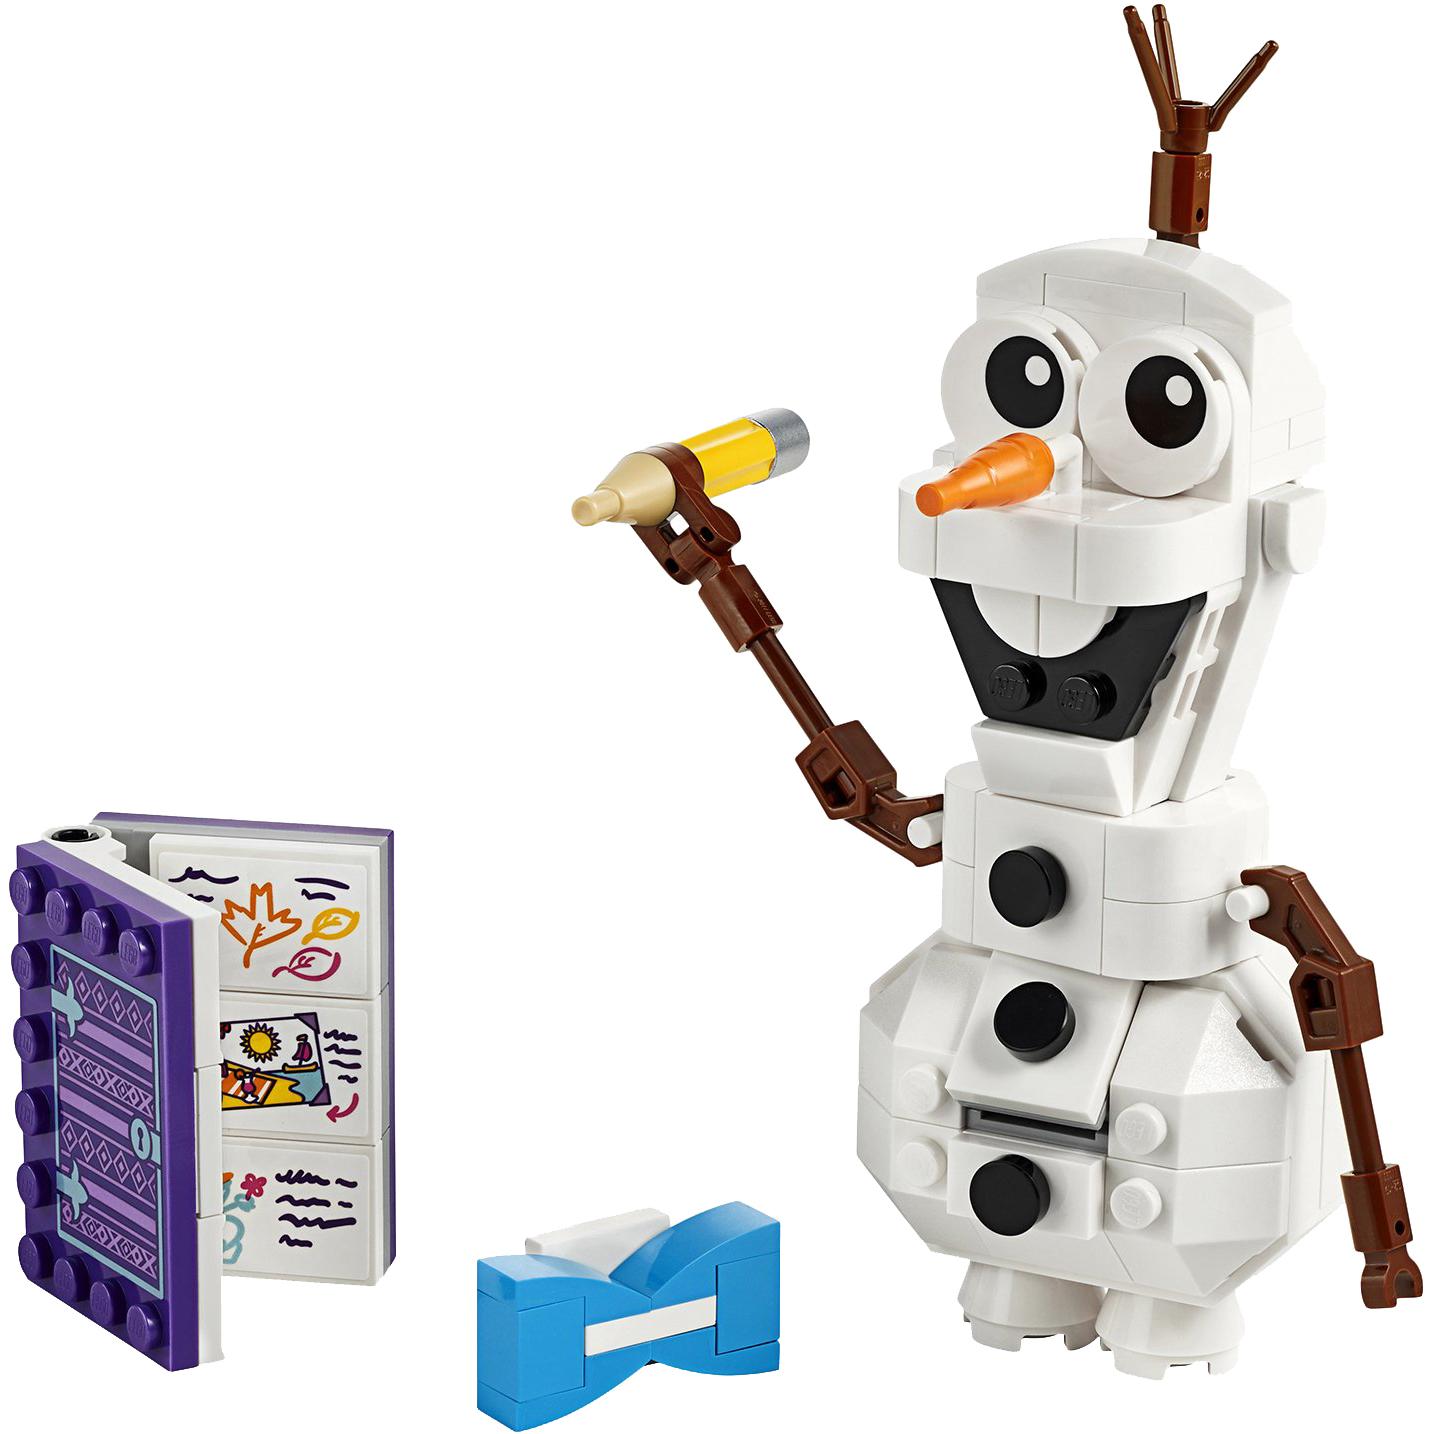 Купить Конструктор Lego Disney Princess Олаф 41169, пластик, для девочек, Конструкторы, пазлы